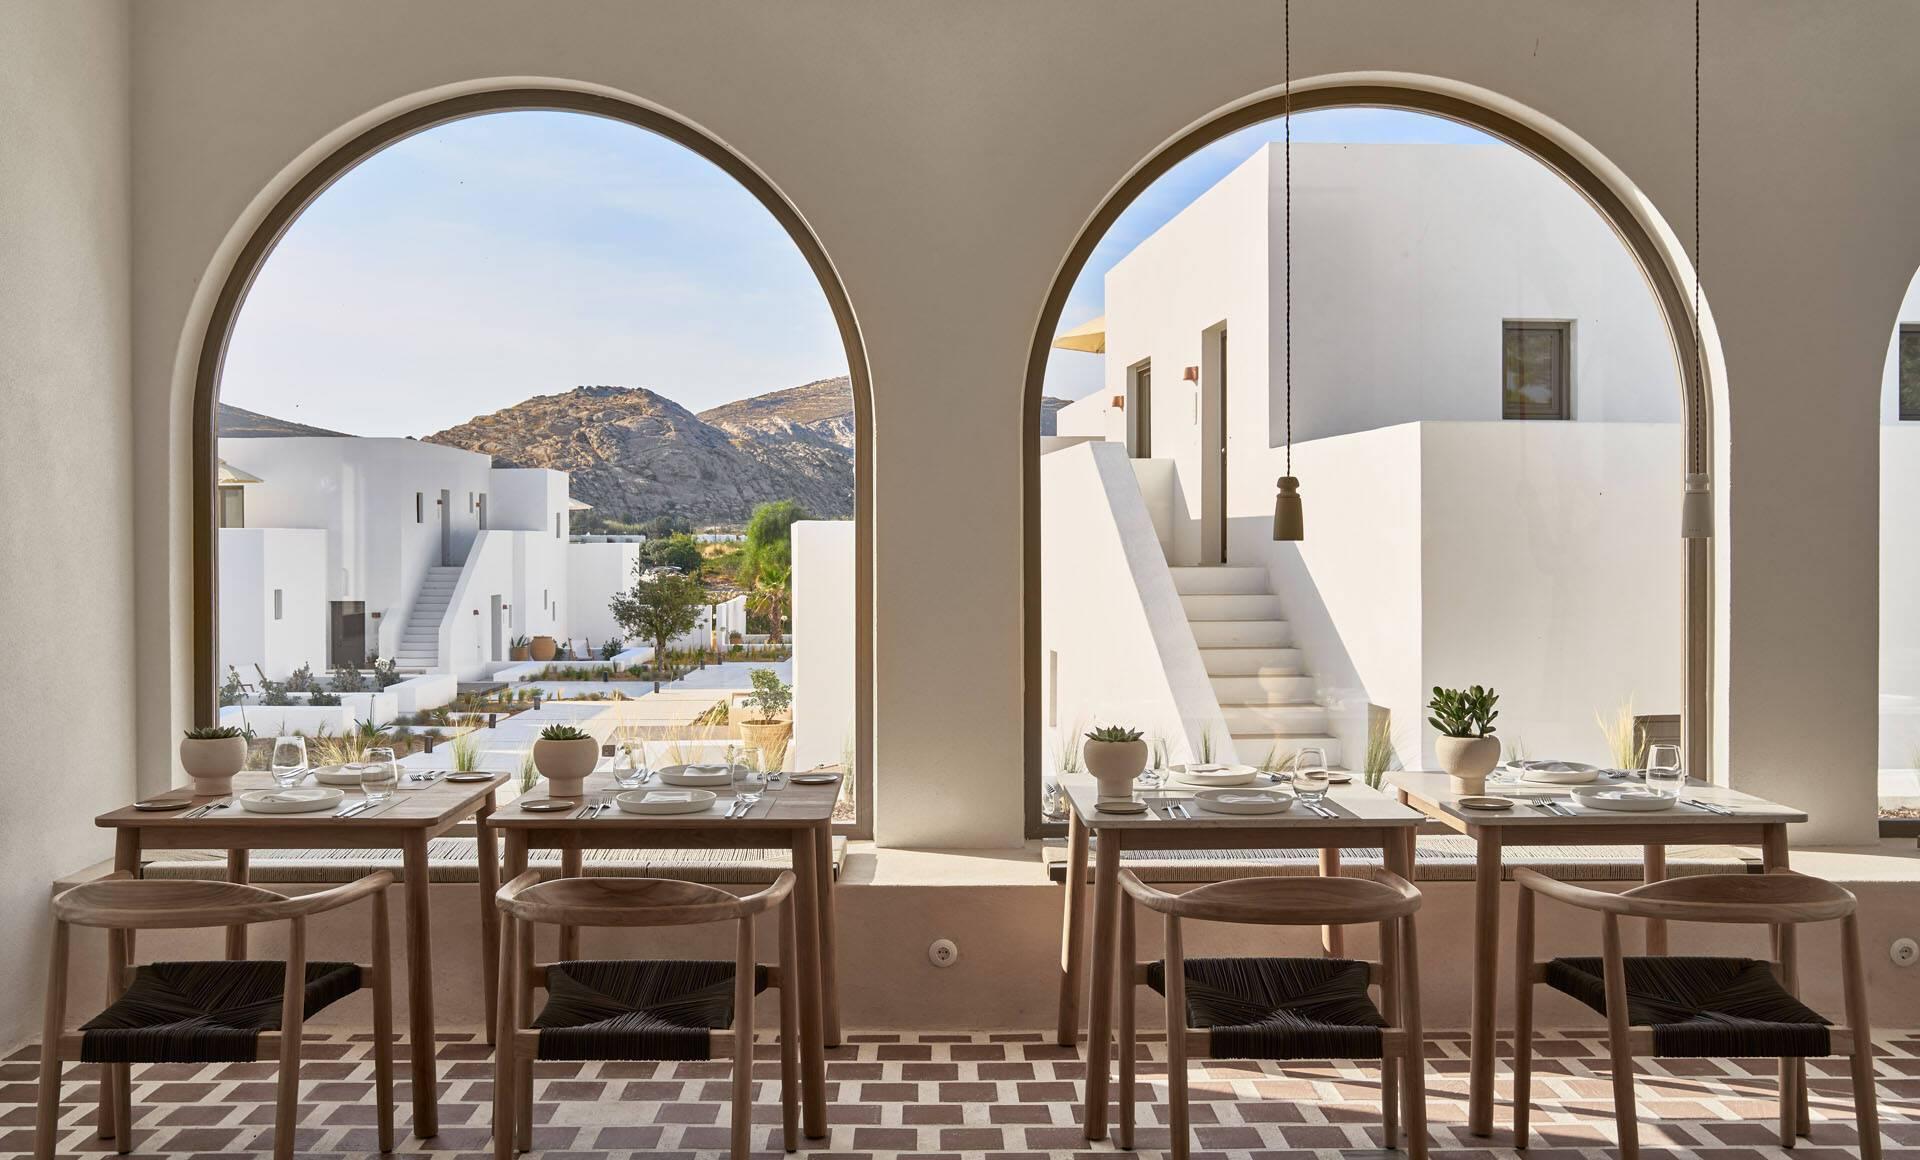 Sejour grece paros parilio mre restaurant